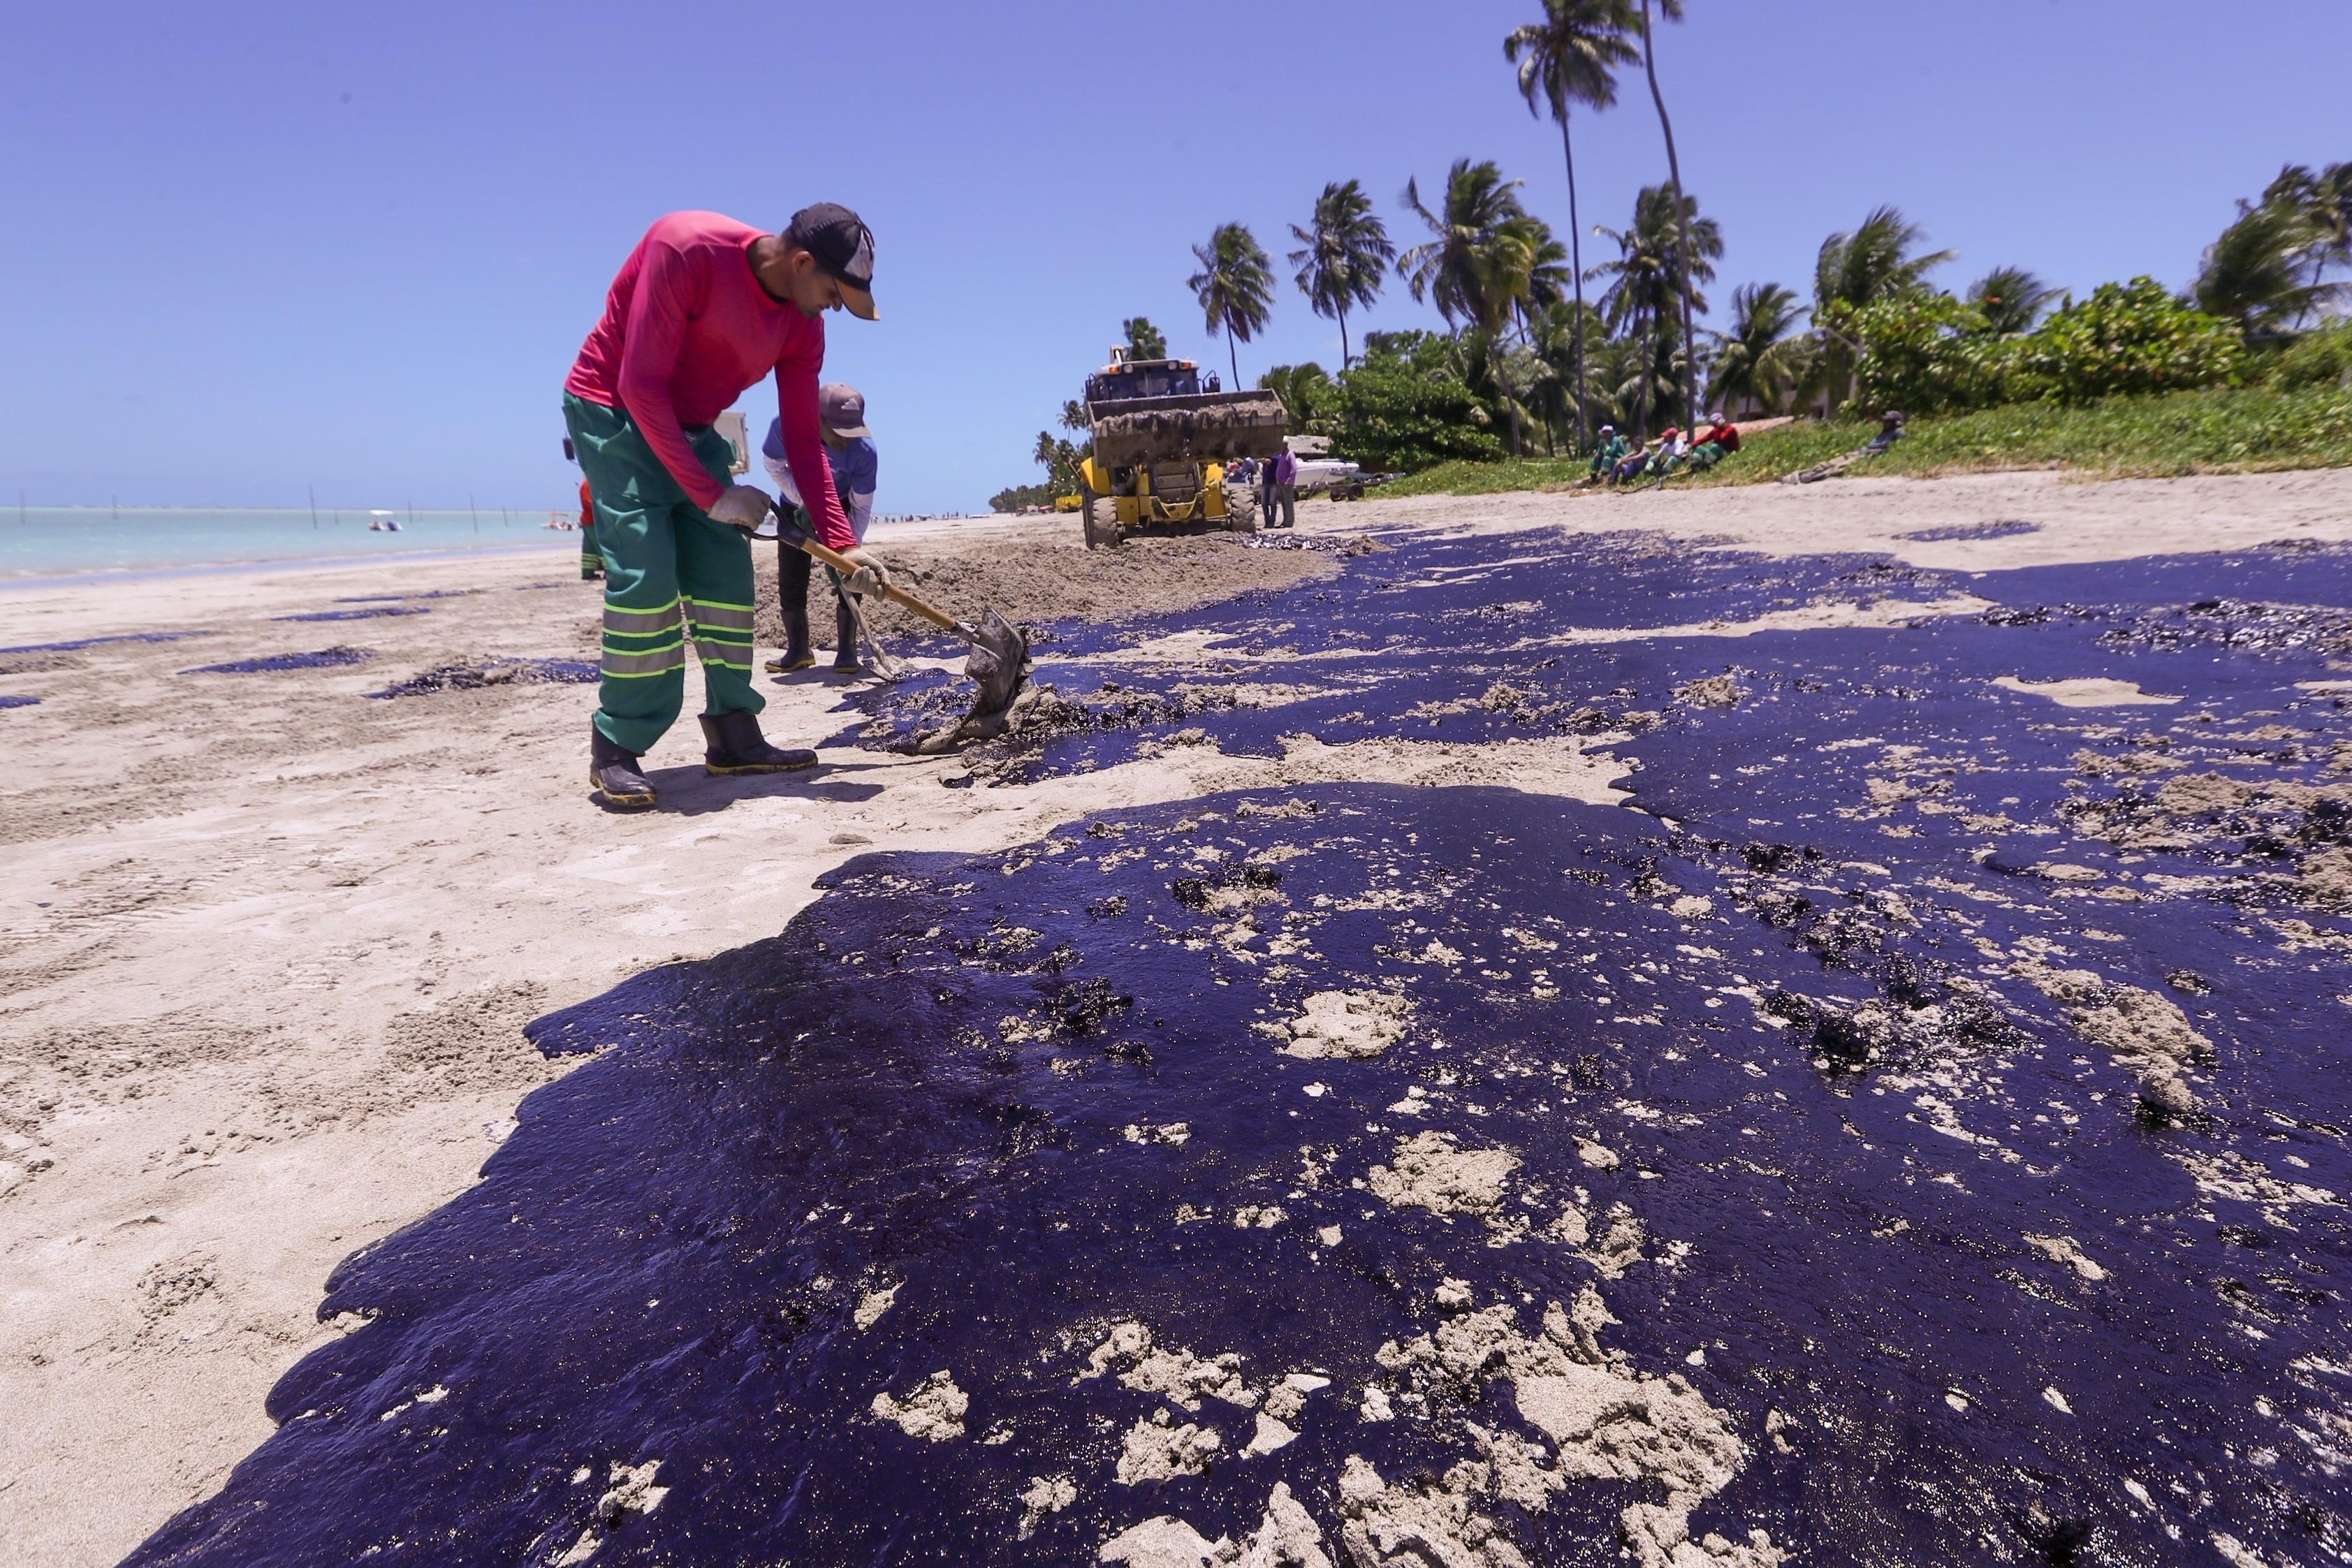 Praias paradisíacas e famosas do Nordeste: veja em quais delas apareceram manchas de óleo - Notícias - Plantão Diário